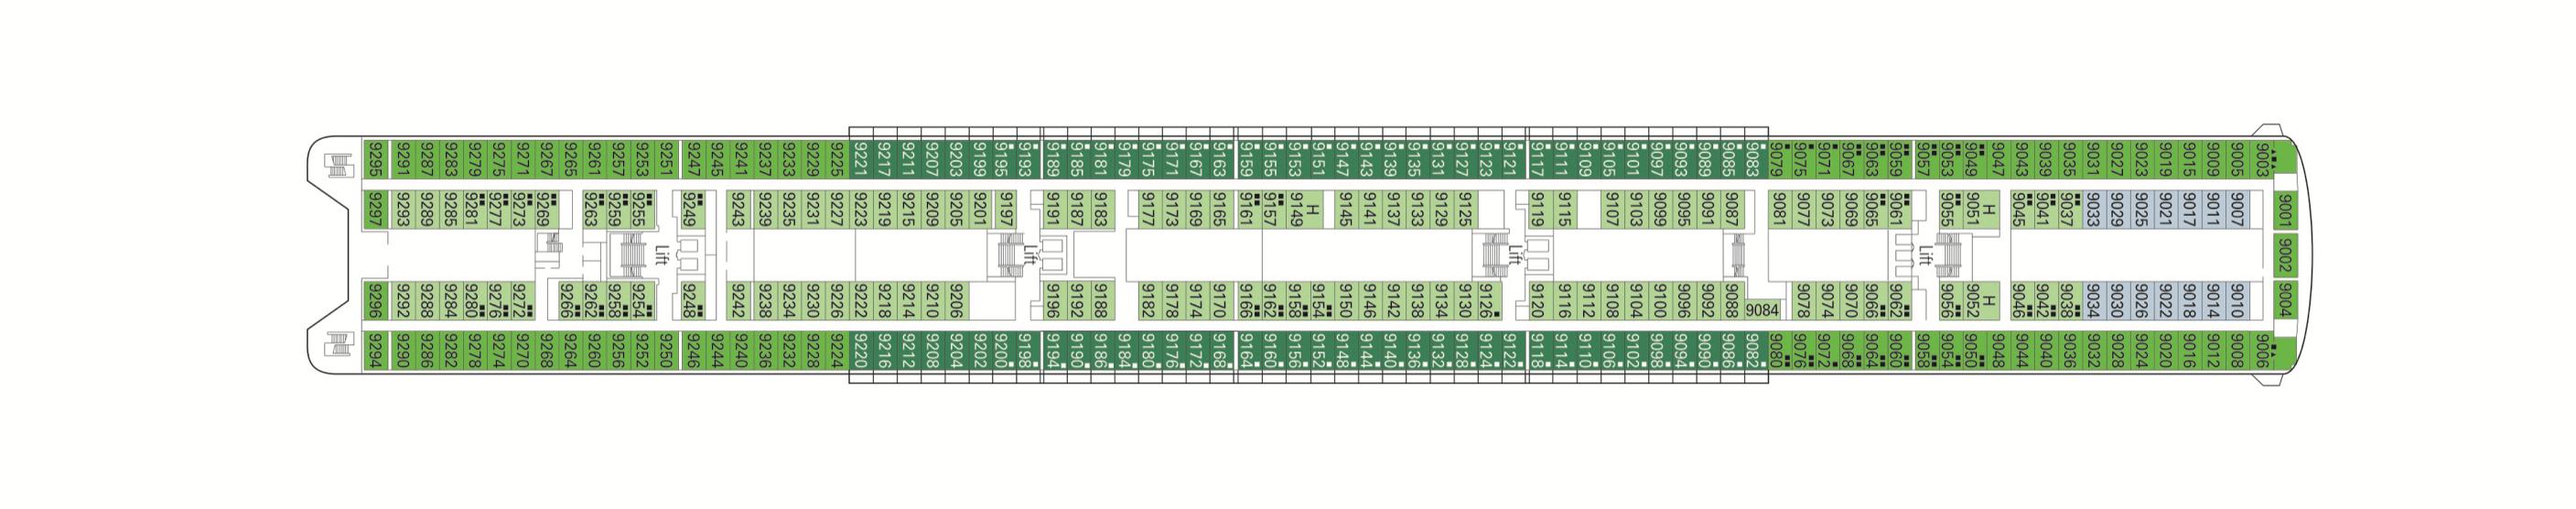 MSC Lirica Class Armonia Deck 9.jpg